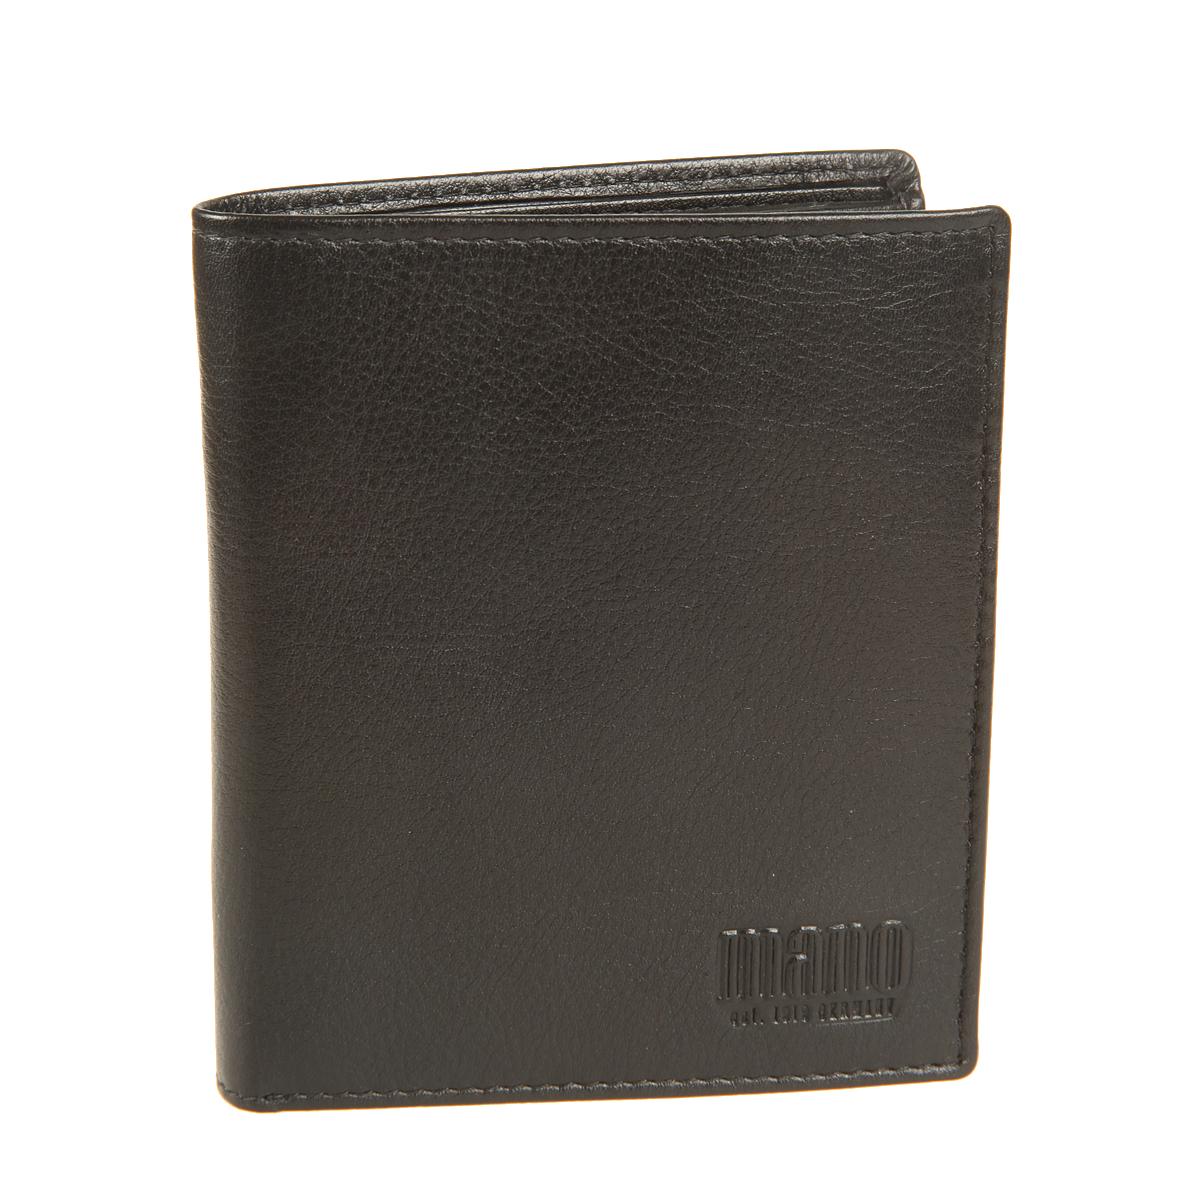 Портмоне мужское Mano, цвет: черный. 14660/514660/5 blackСтильное мужское портмоне Mano выполнено из натуральной кожи. Изделие оформлено тиснением с названием производителя. Изделие раскладывается пополам. Портмоне содержит два отделения для купюр, девять кармашков для визиток и пластиковых карт (один из них сетчатый карман - окошечко), карман для мелочи на кнопке, сетчатый карман, два боковых кармана и один вертикальный карман для документов. Портмоне упаковано в фирменную картонную коробку. Такое портмоне станет отличным подарком для человека, ценящего качественные и стильные вещи.